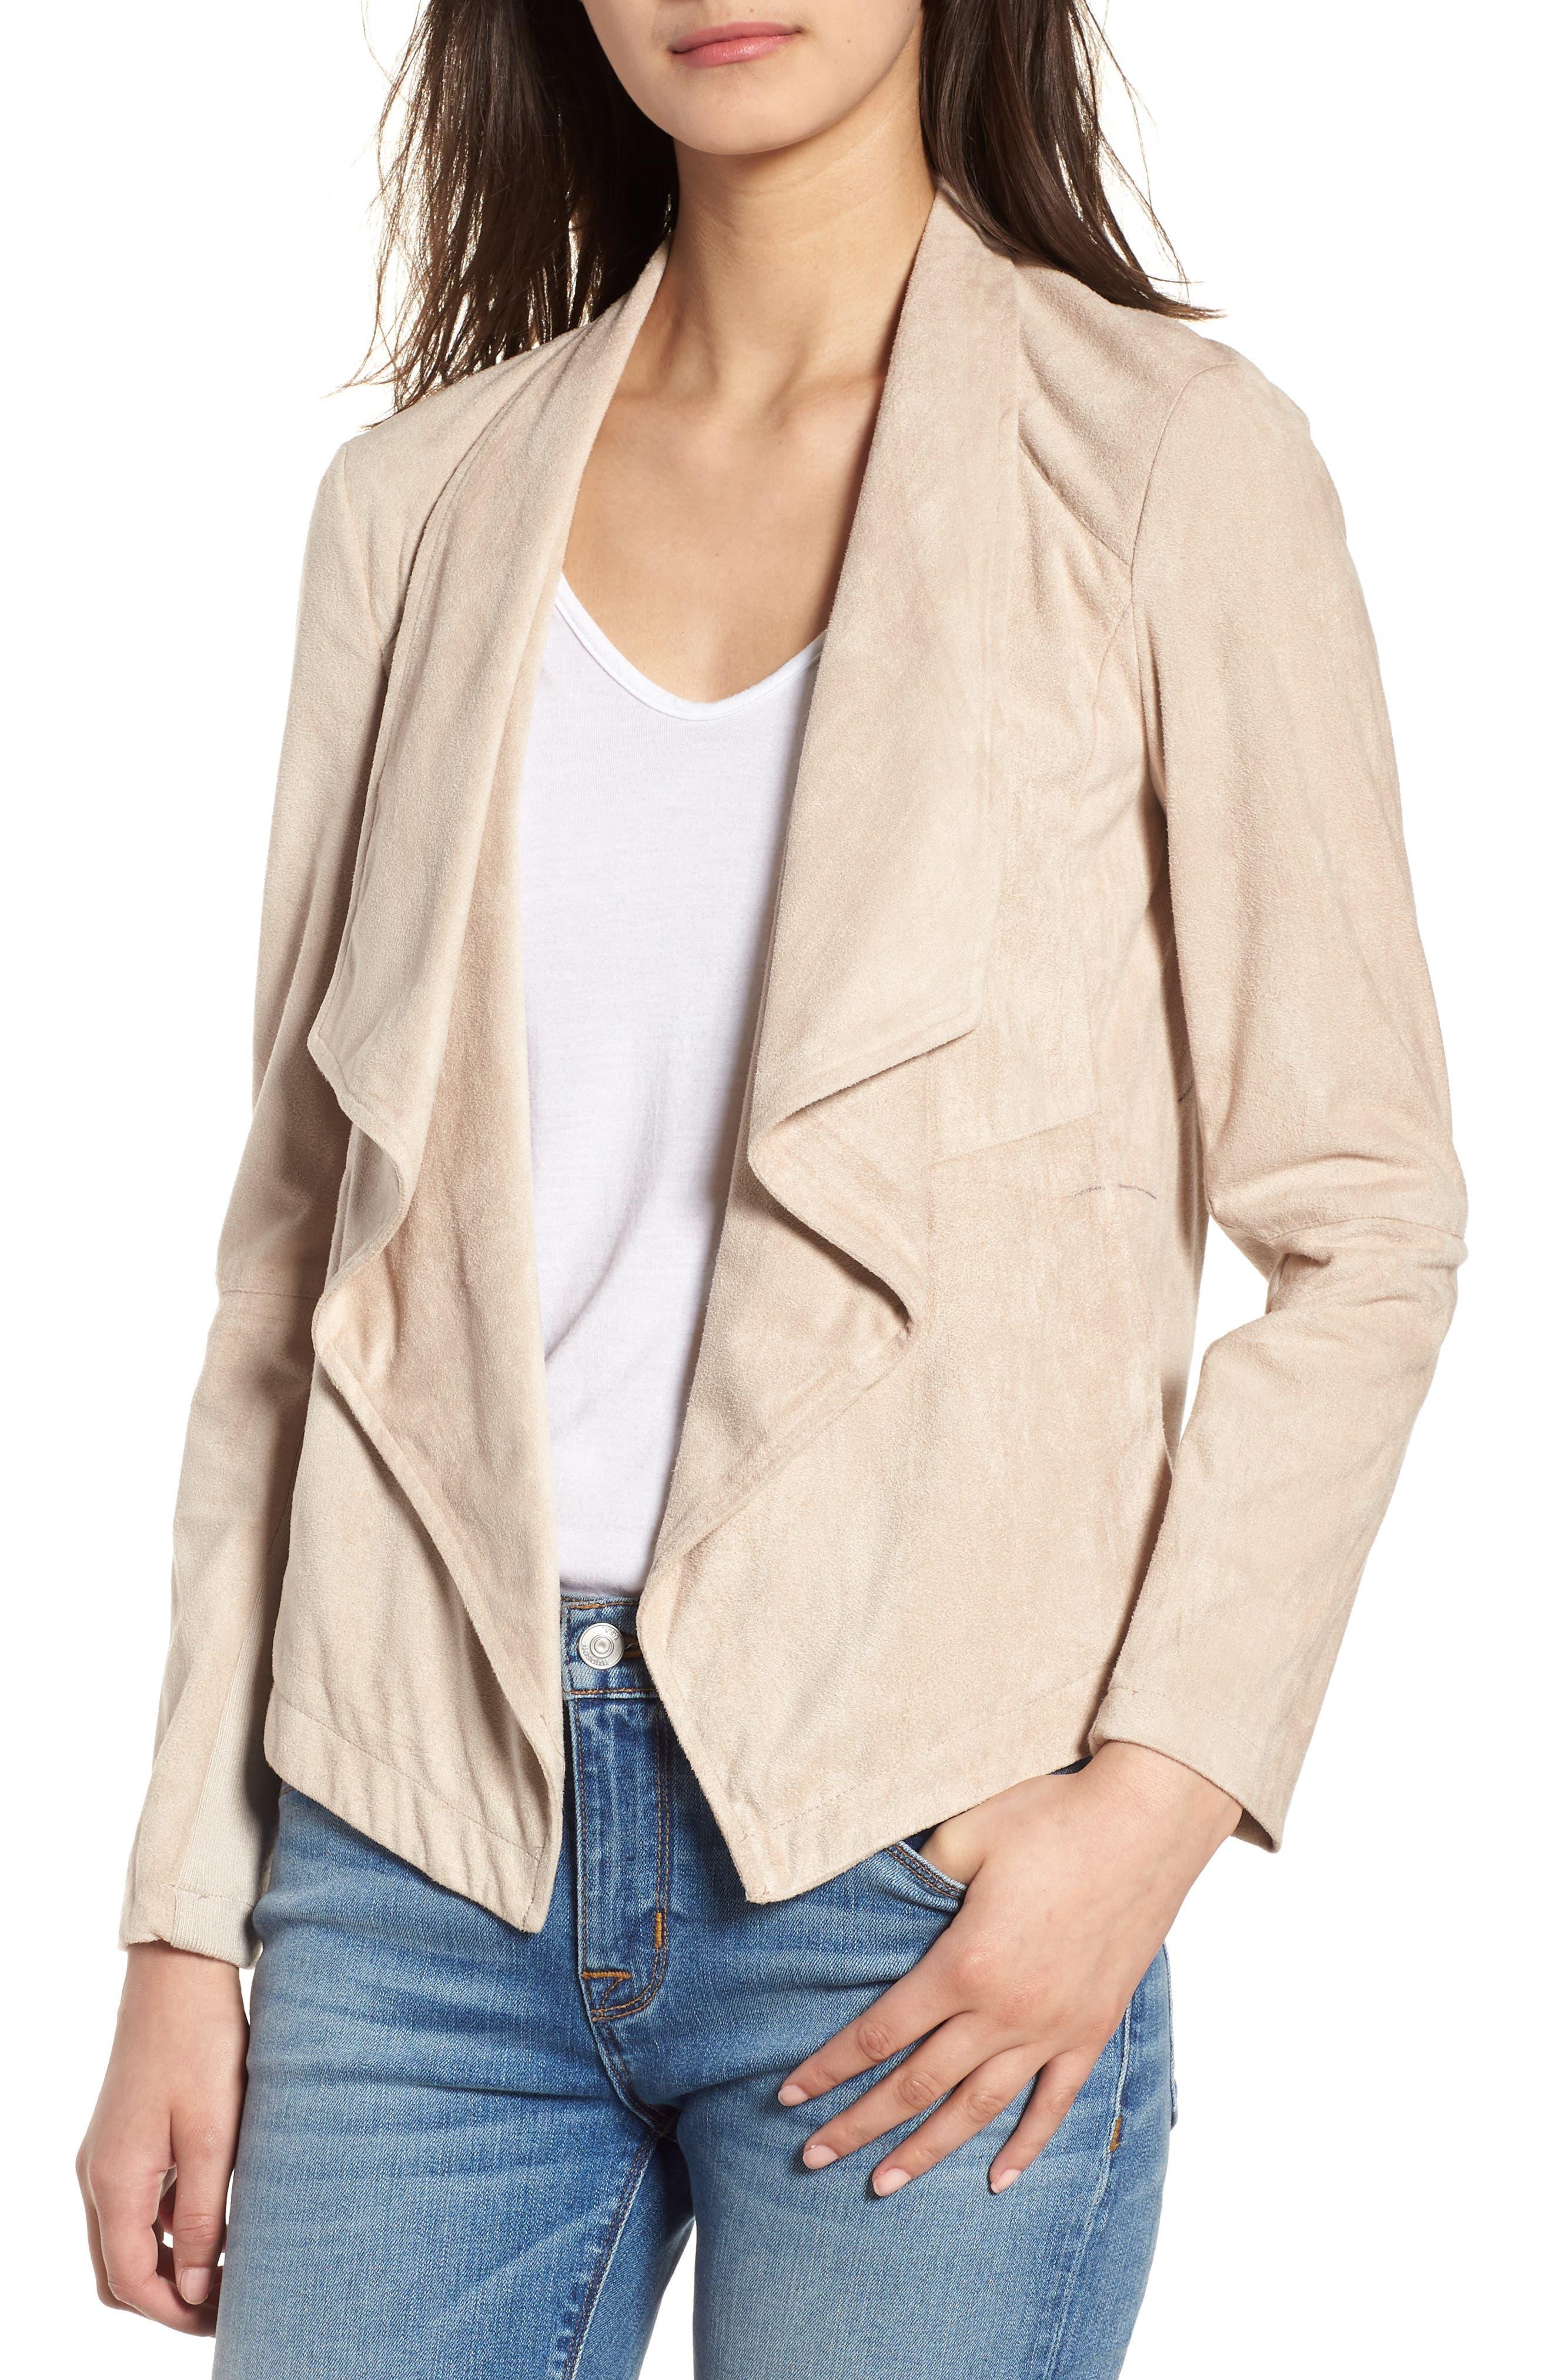 'Nicholson' Faux Suede Drape Front Jacket,                             Main thumbnail 1, color,                             Bone